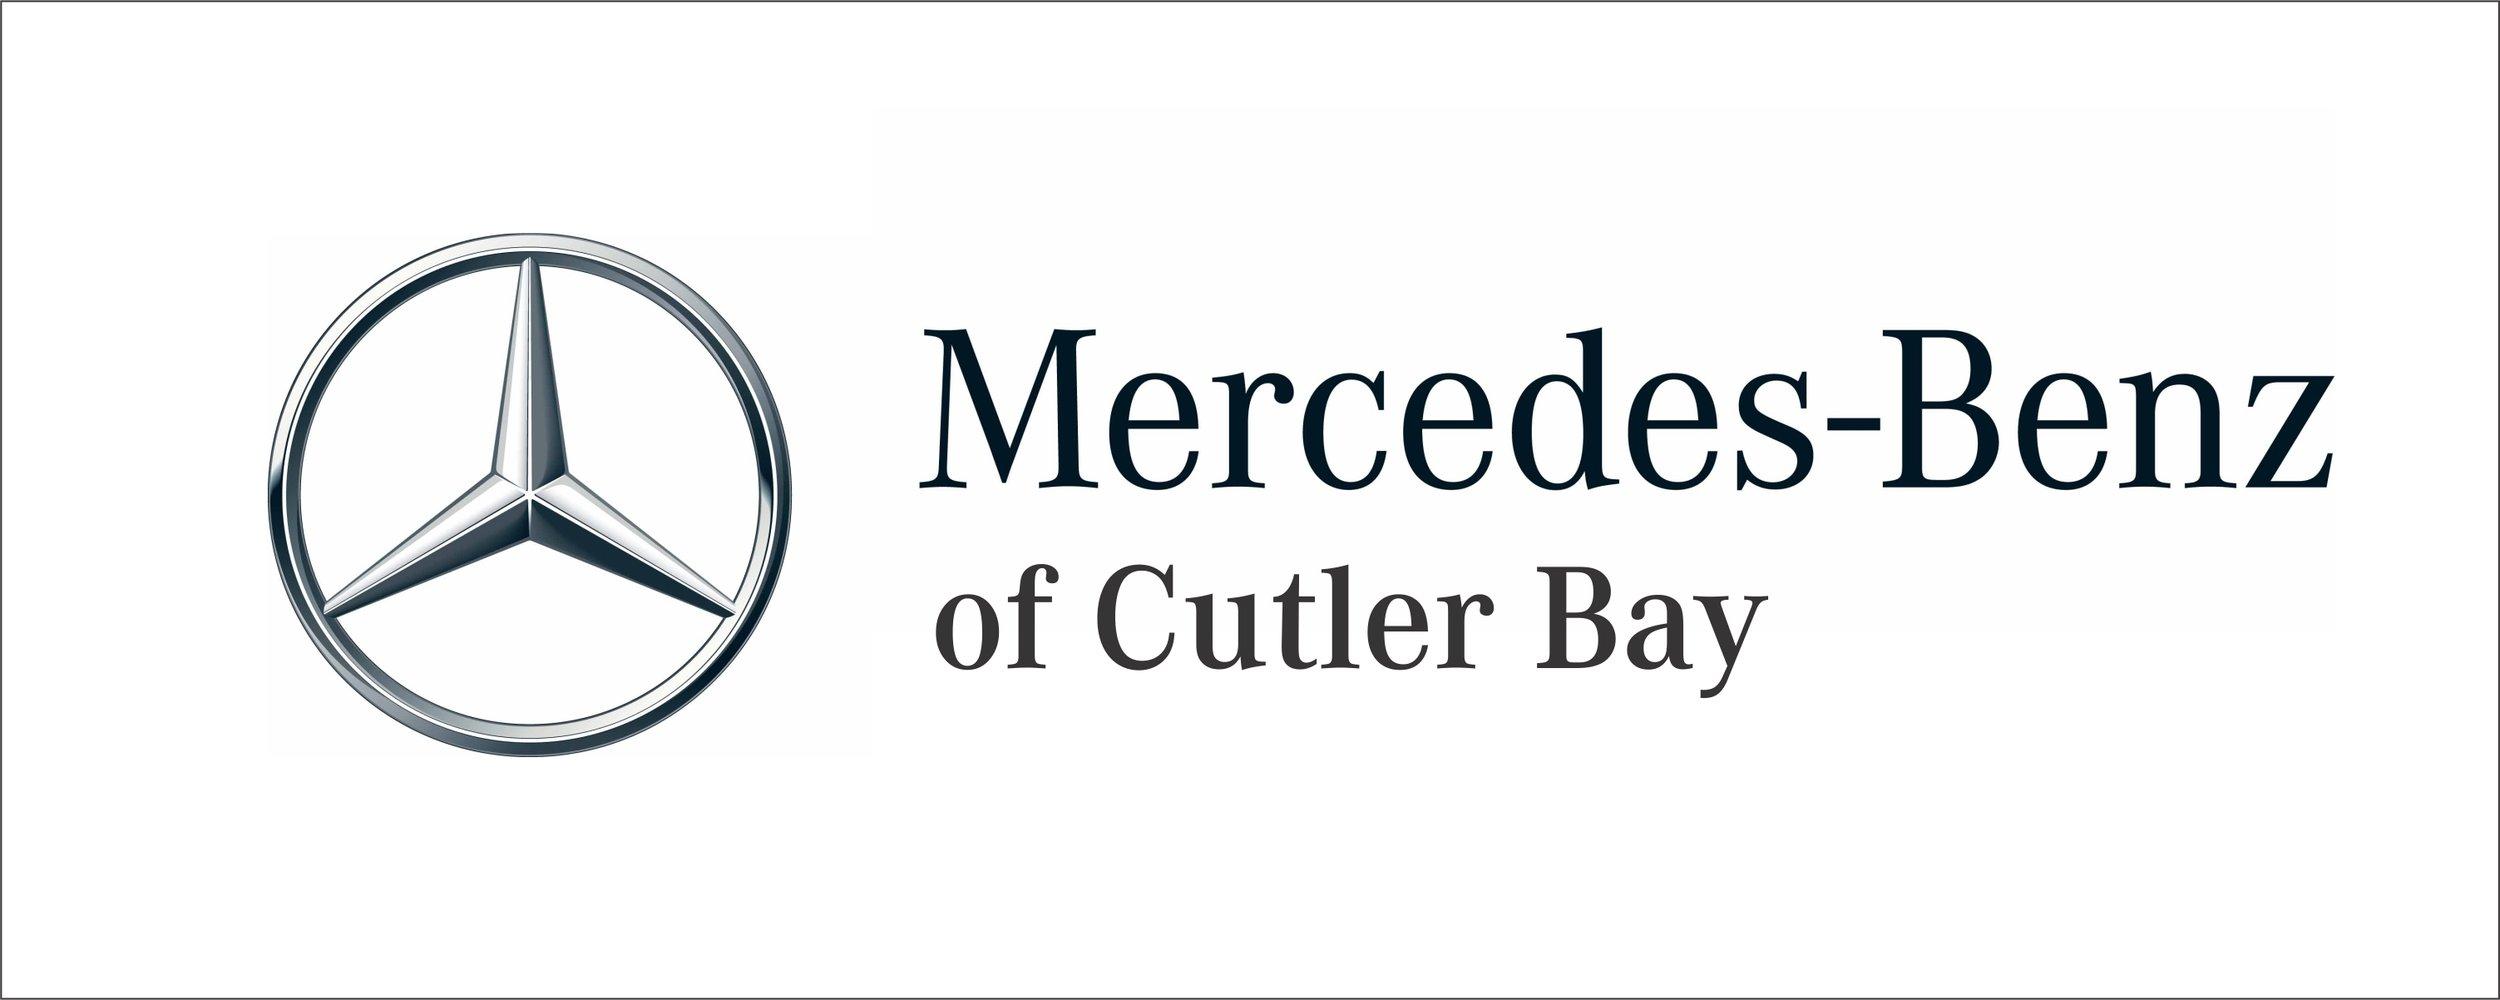 cutler bay graphic.jpg